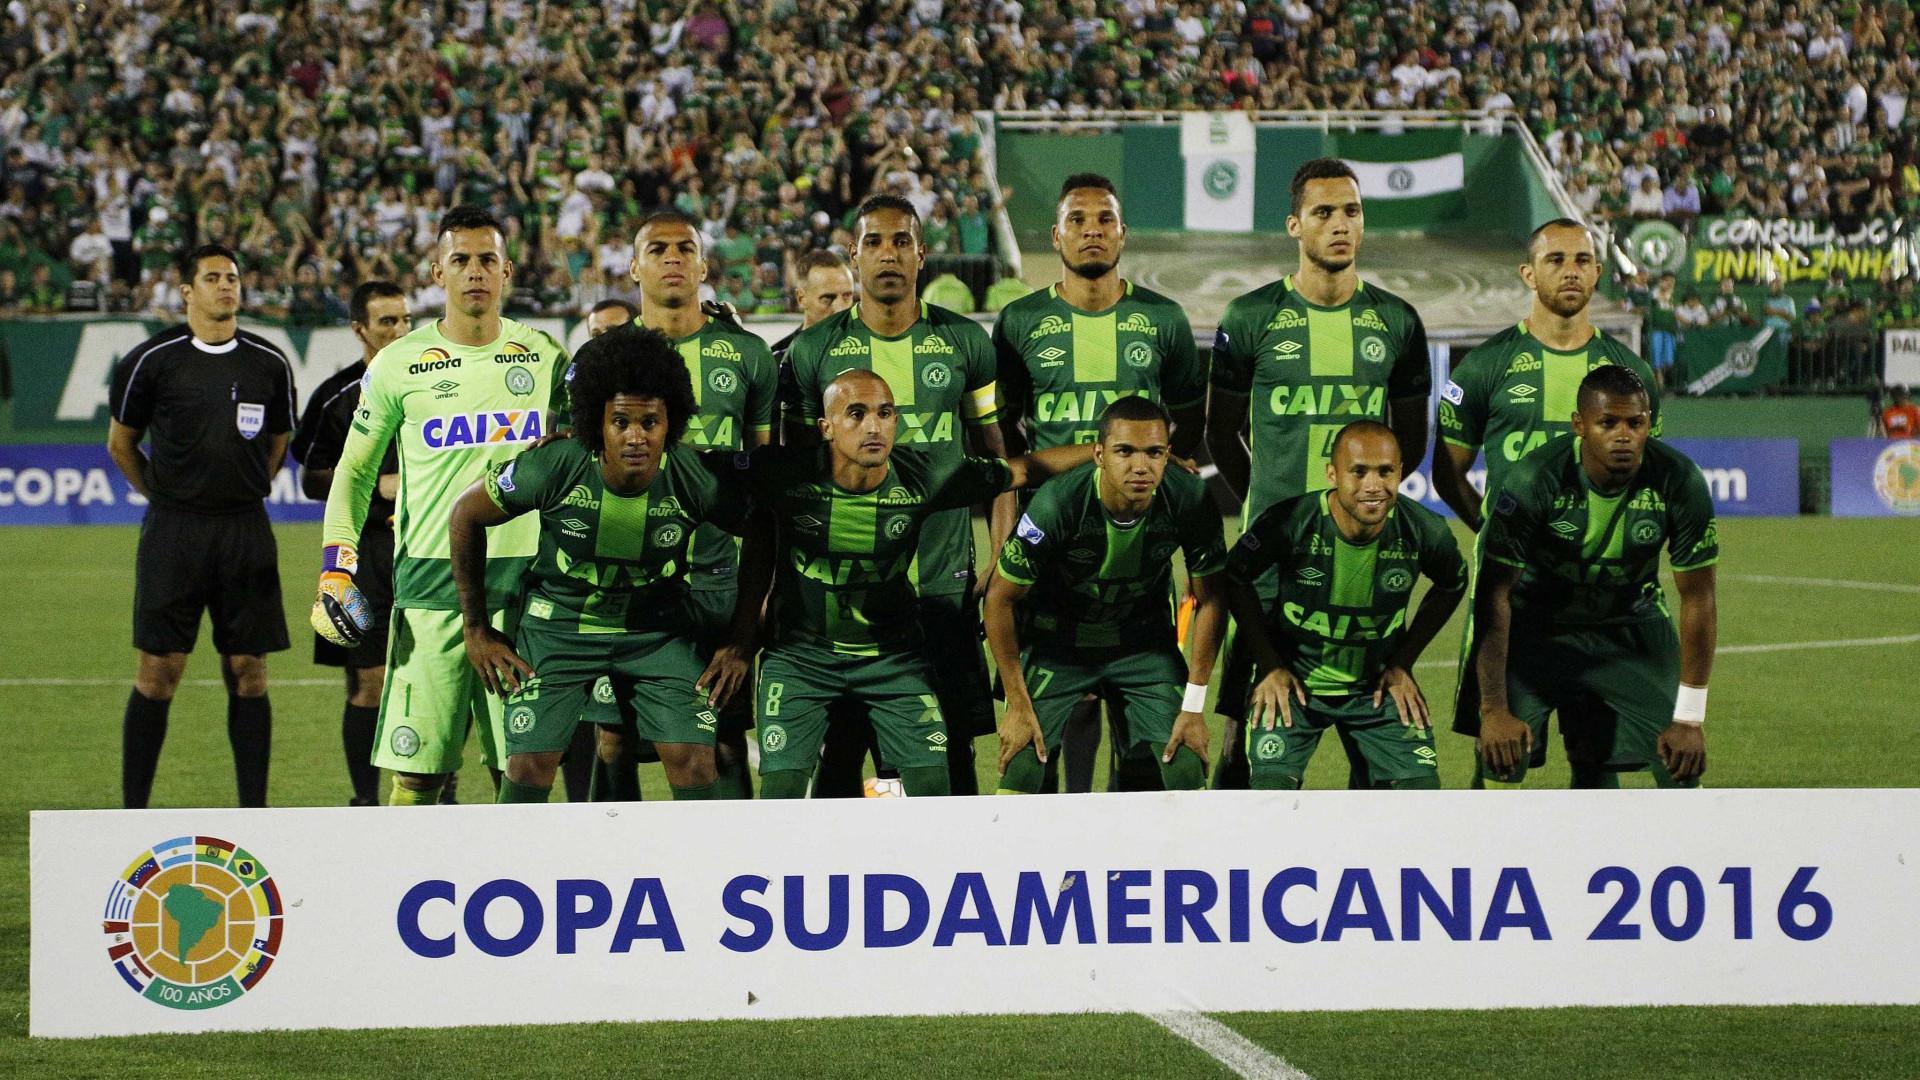 Suspensa final da Taça Sul-Americana de Futebol após queda de avião